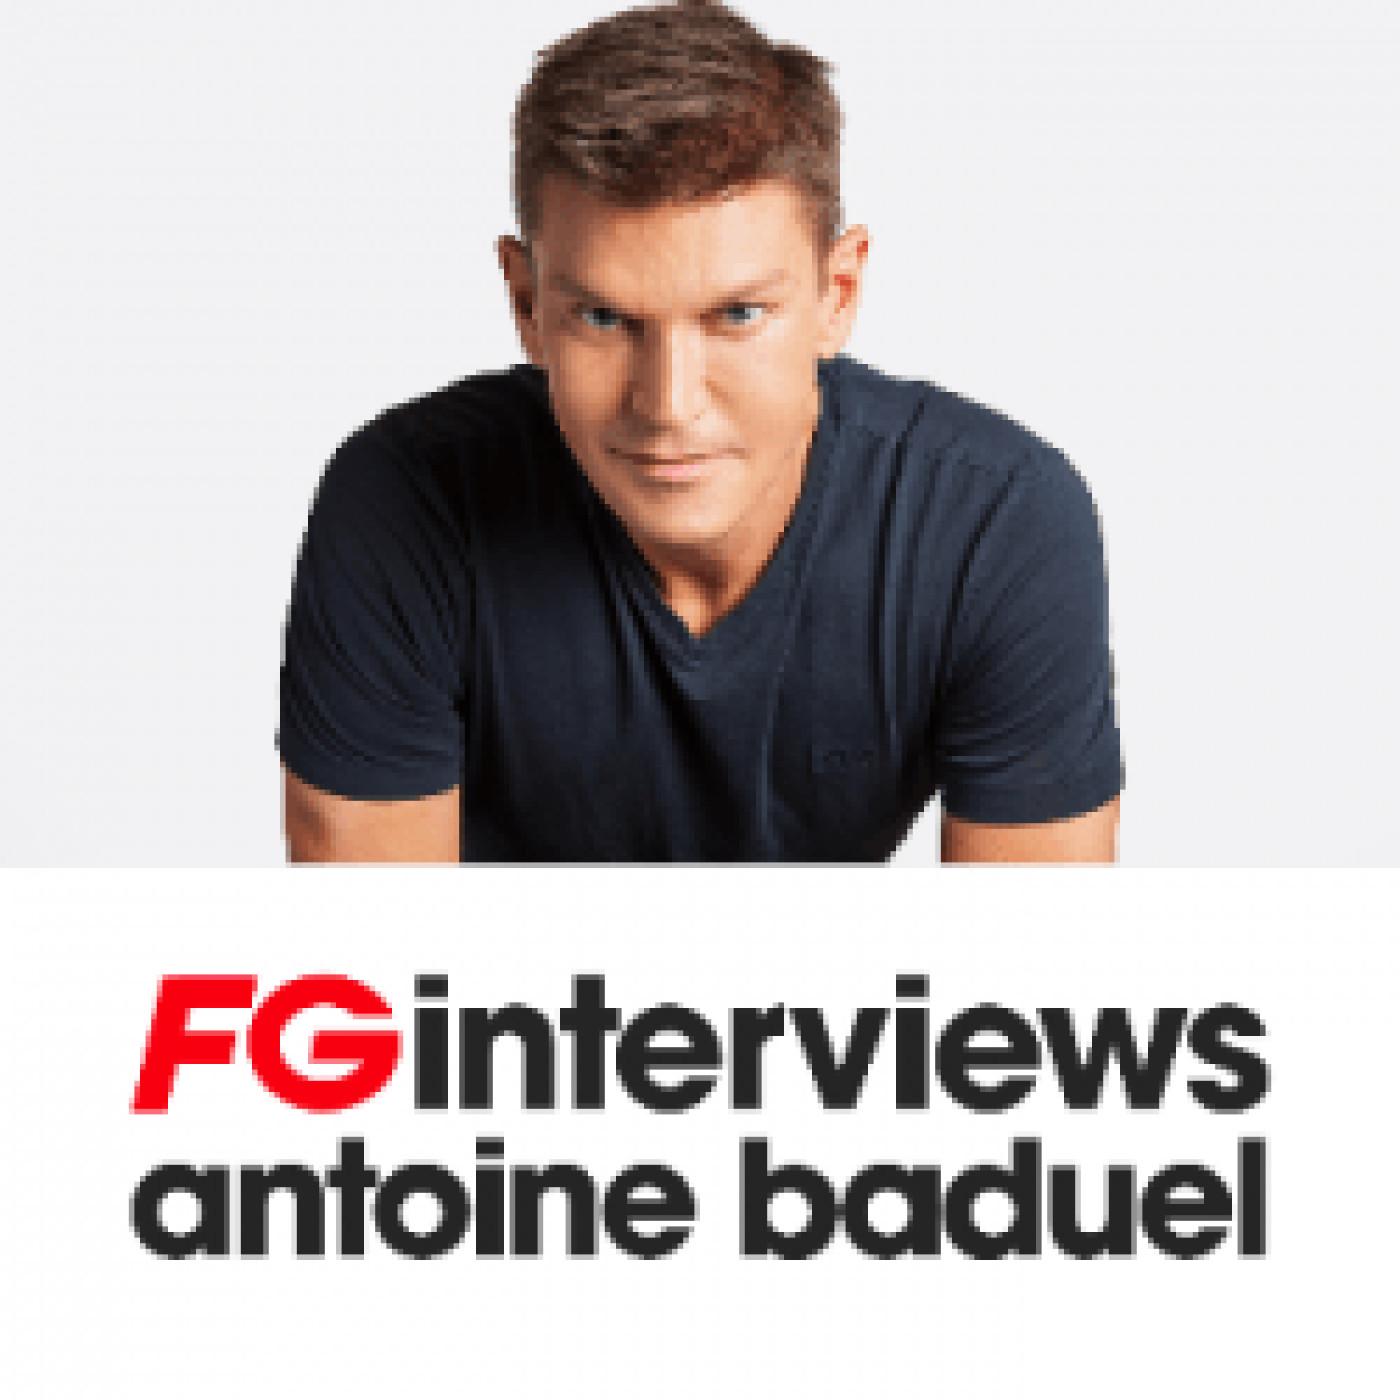 L'INTERVIEW DE JEAN-MICHEL JARRE DANS L'HAPPY HOUR FG